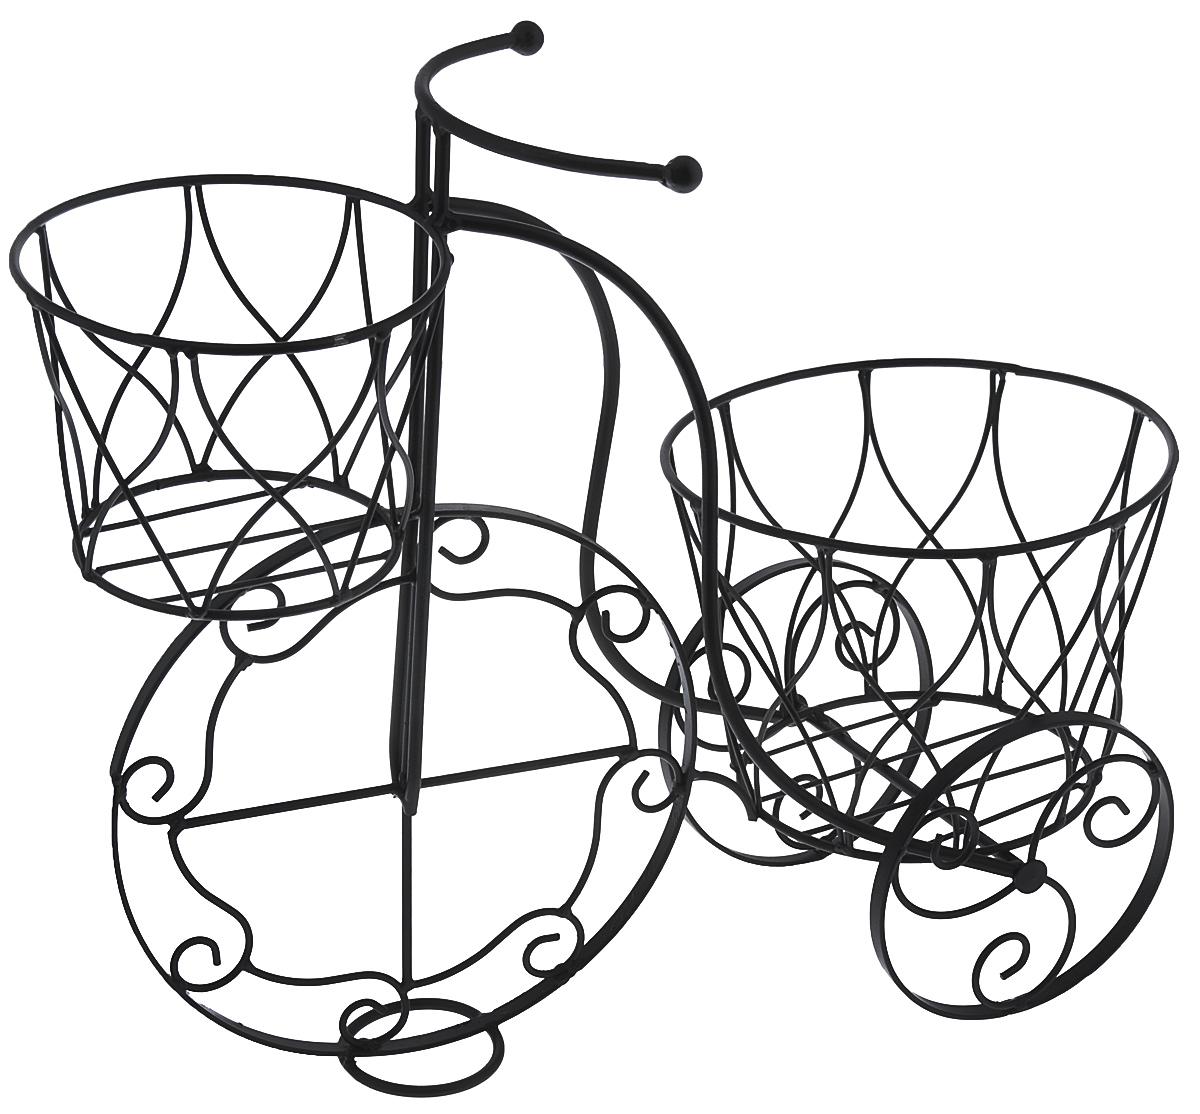 Кашпо Велосипед, цвет: черный, 41 х 18 х 35 см36798Кашпо Велосипед изготовлено из металла в виде велосипеда. Кашпо имеет два отделения для горшков. Кашпо - декоративная ваза для цветочных горшков. Фигурные кашпо для цветов служат объектом декора помещения. Дом, украшенный фигурными кашпо, приобретает свою оригинальность, свой характер. Неожиданные и оригинальные кашпо для цветов - это самый простой и доступный способ сделать дом, дачу или приусадебную территорию неповторимыми. Кашпо Велосипед - красивый и оригинальный сувенир для друзей и близких. Размер кашпо: 41 см х 18 см х 35 см. Диаметр маленького отделения: 14 см. Диаметр большого отделения: 18 см.